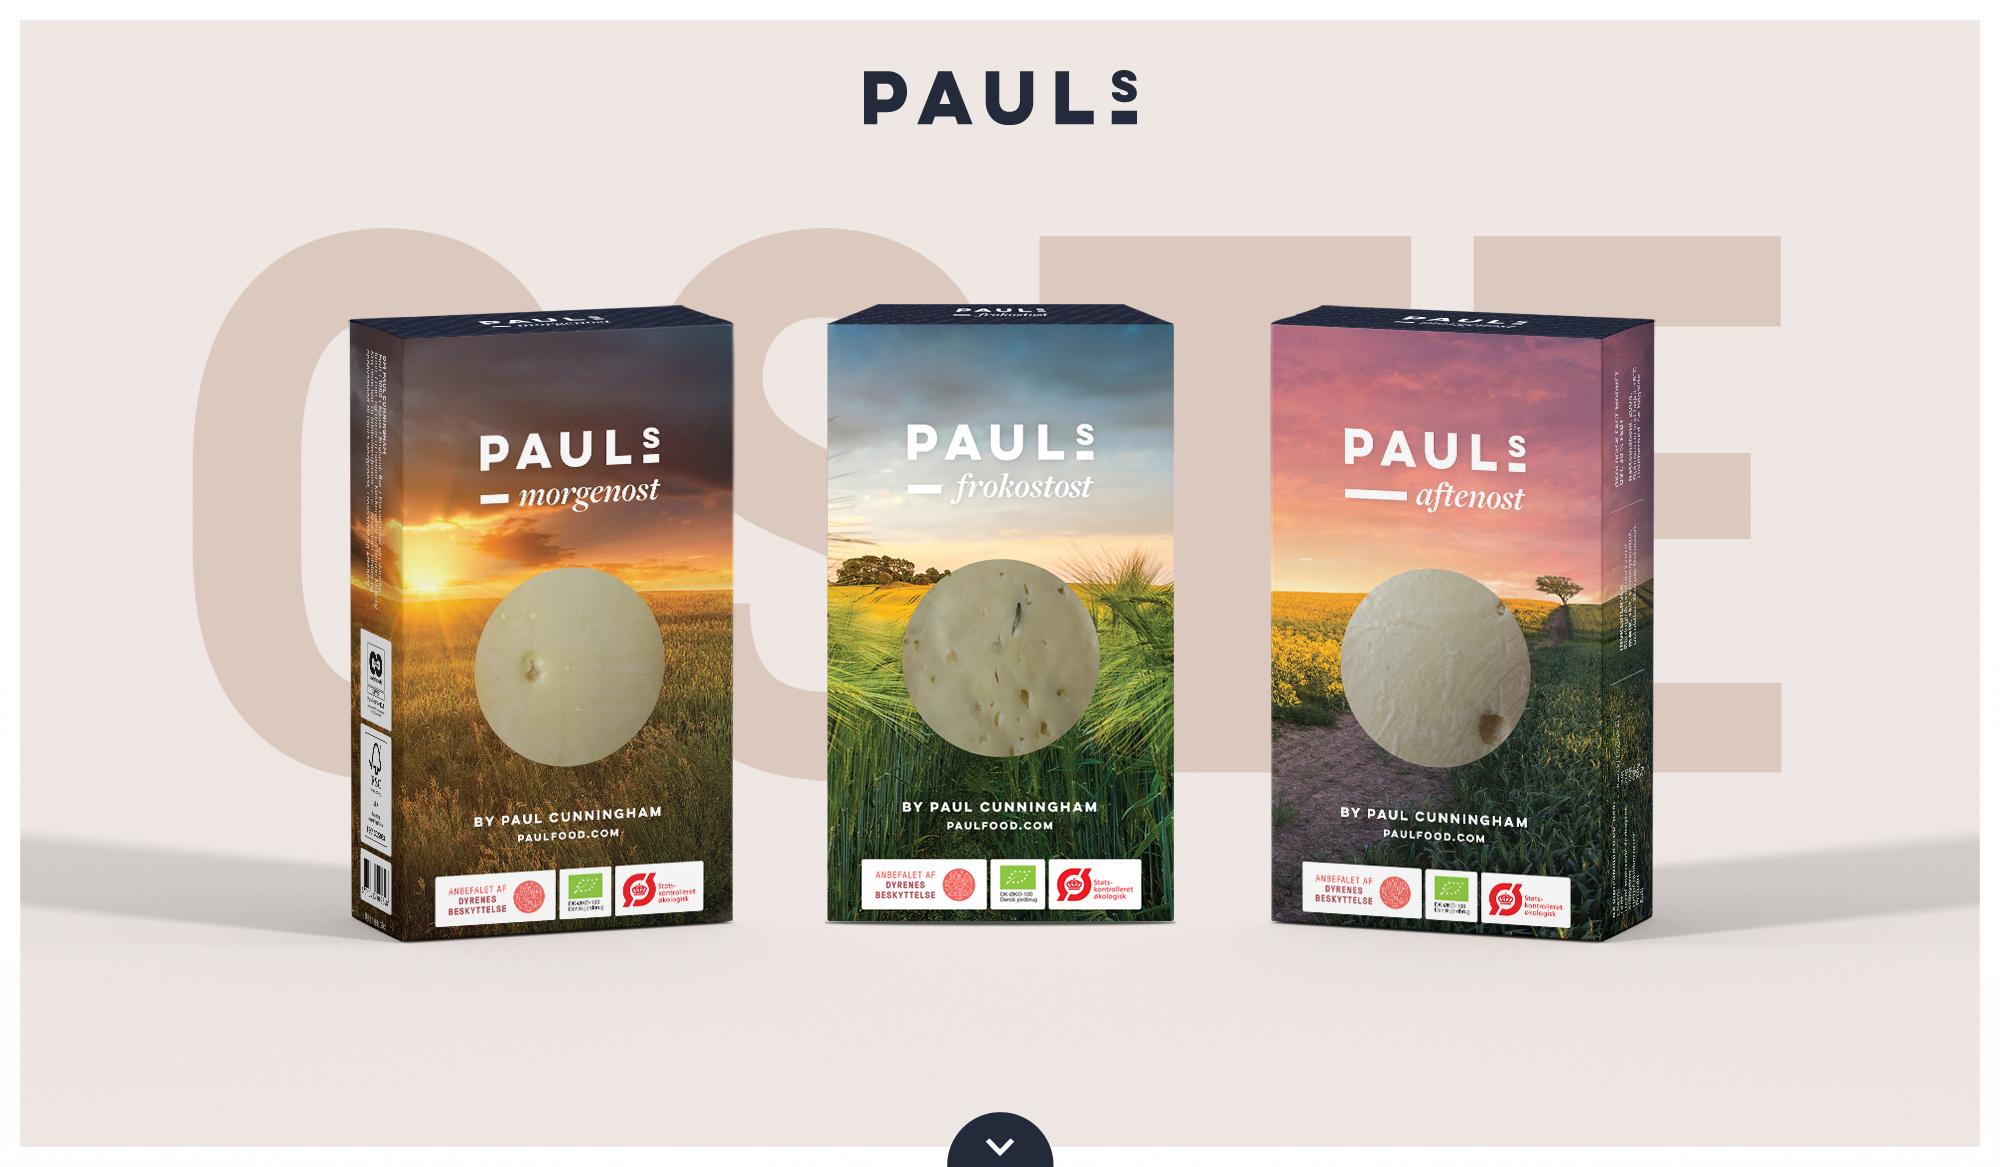 Pauls morgenost, frokostost og aftenost